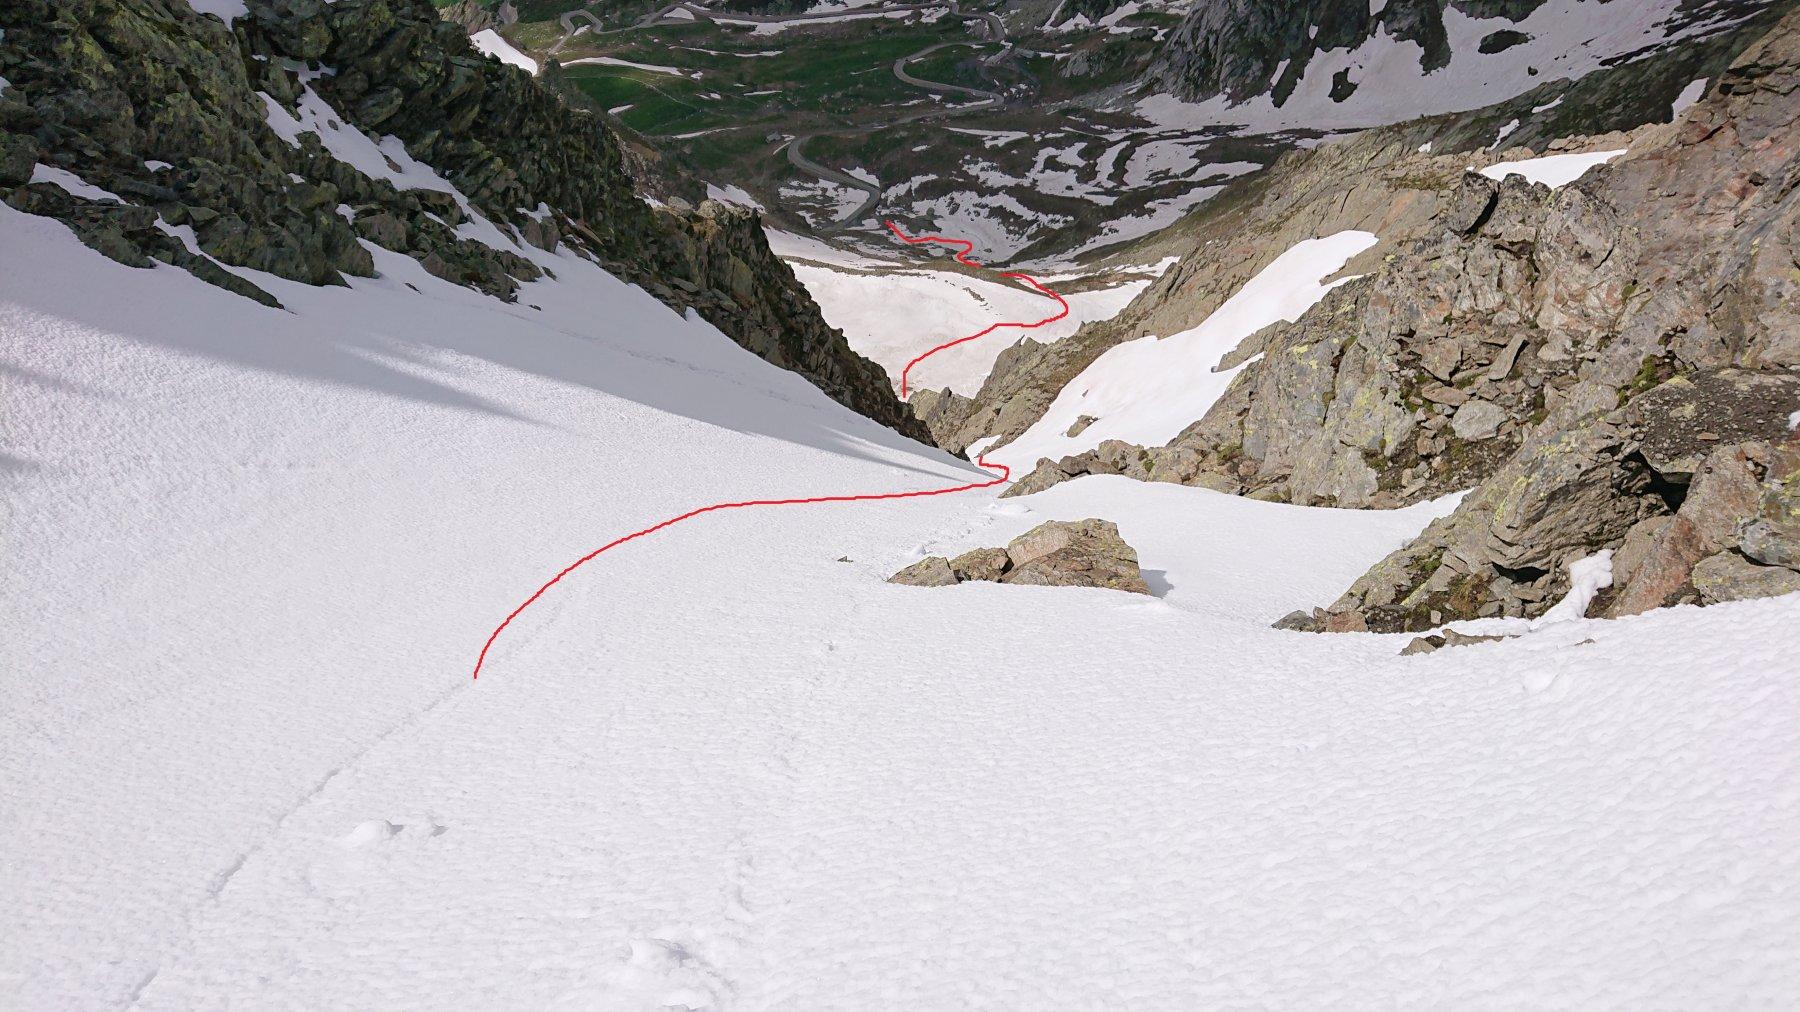 Linea di discesa con neve continua sino alla macchina